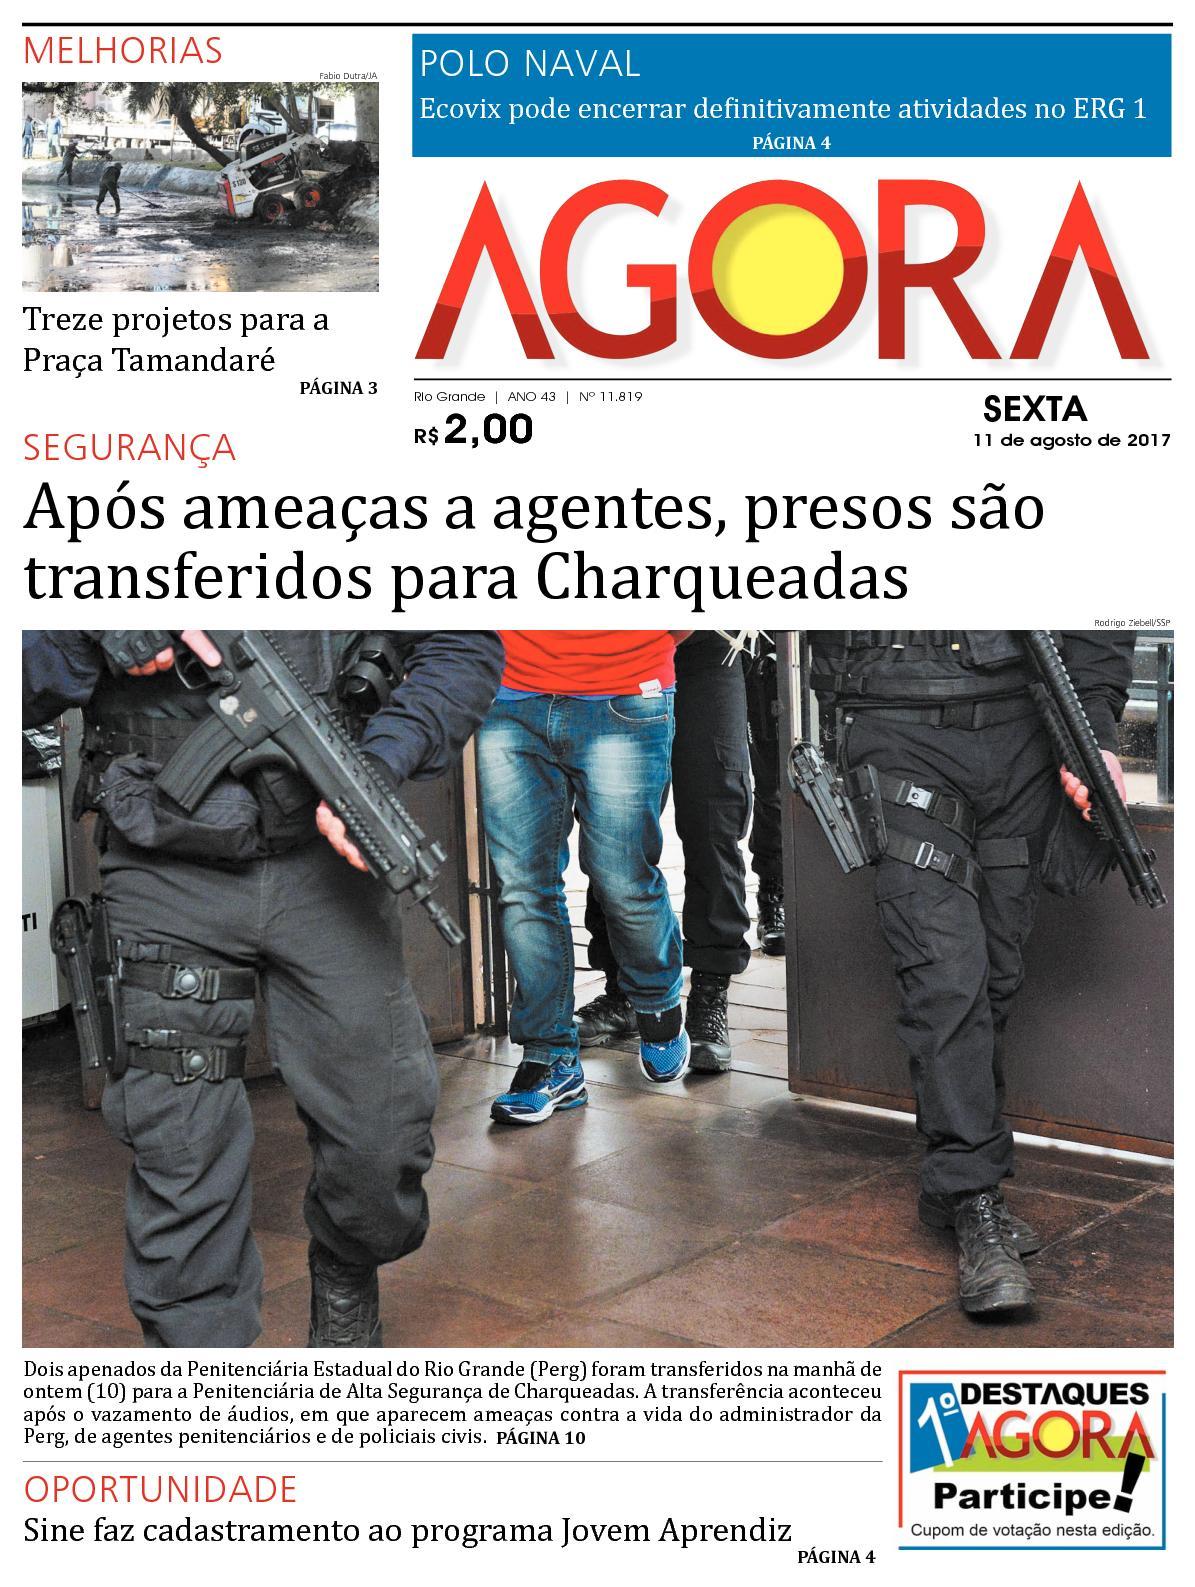 Jornal Agora - Edição 11819 - 11 de Agosto de 2017